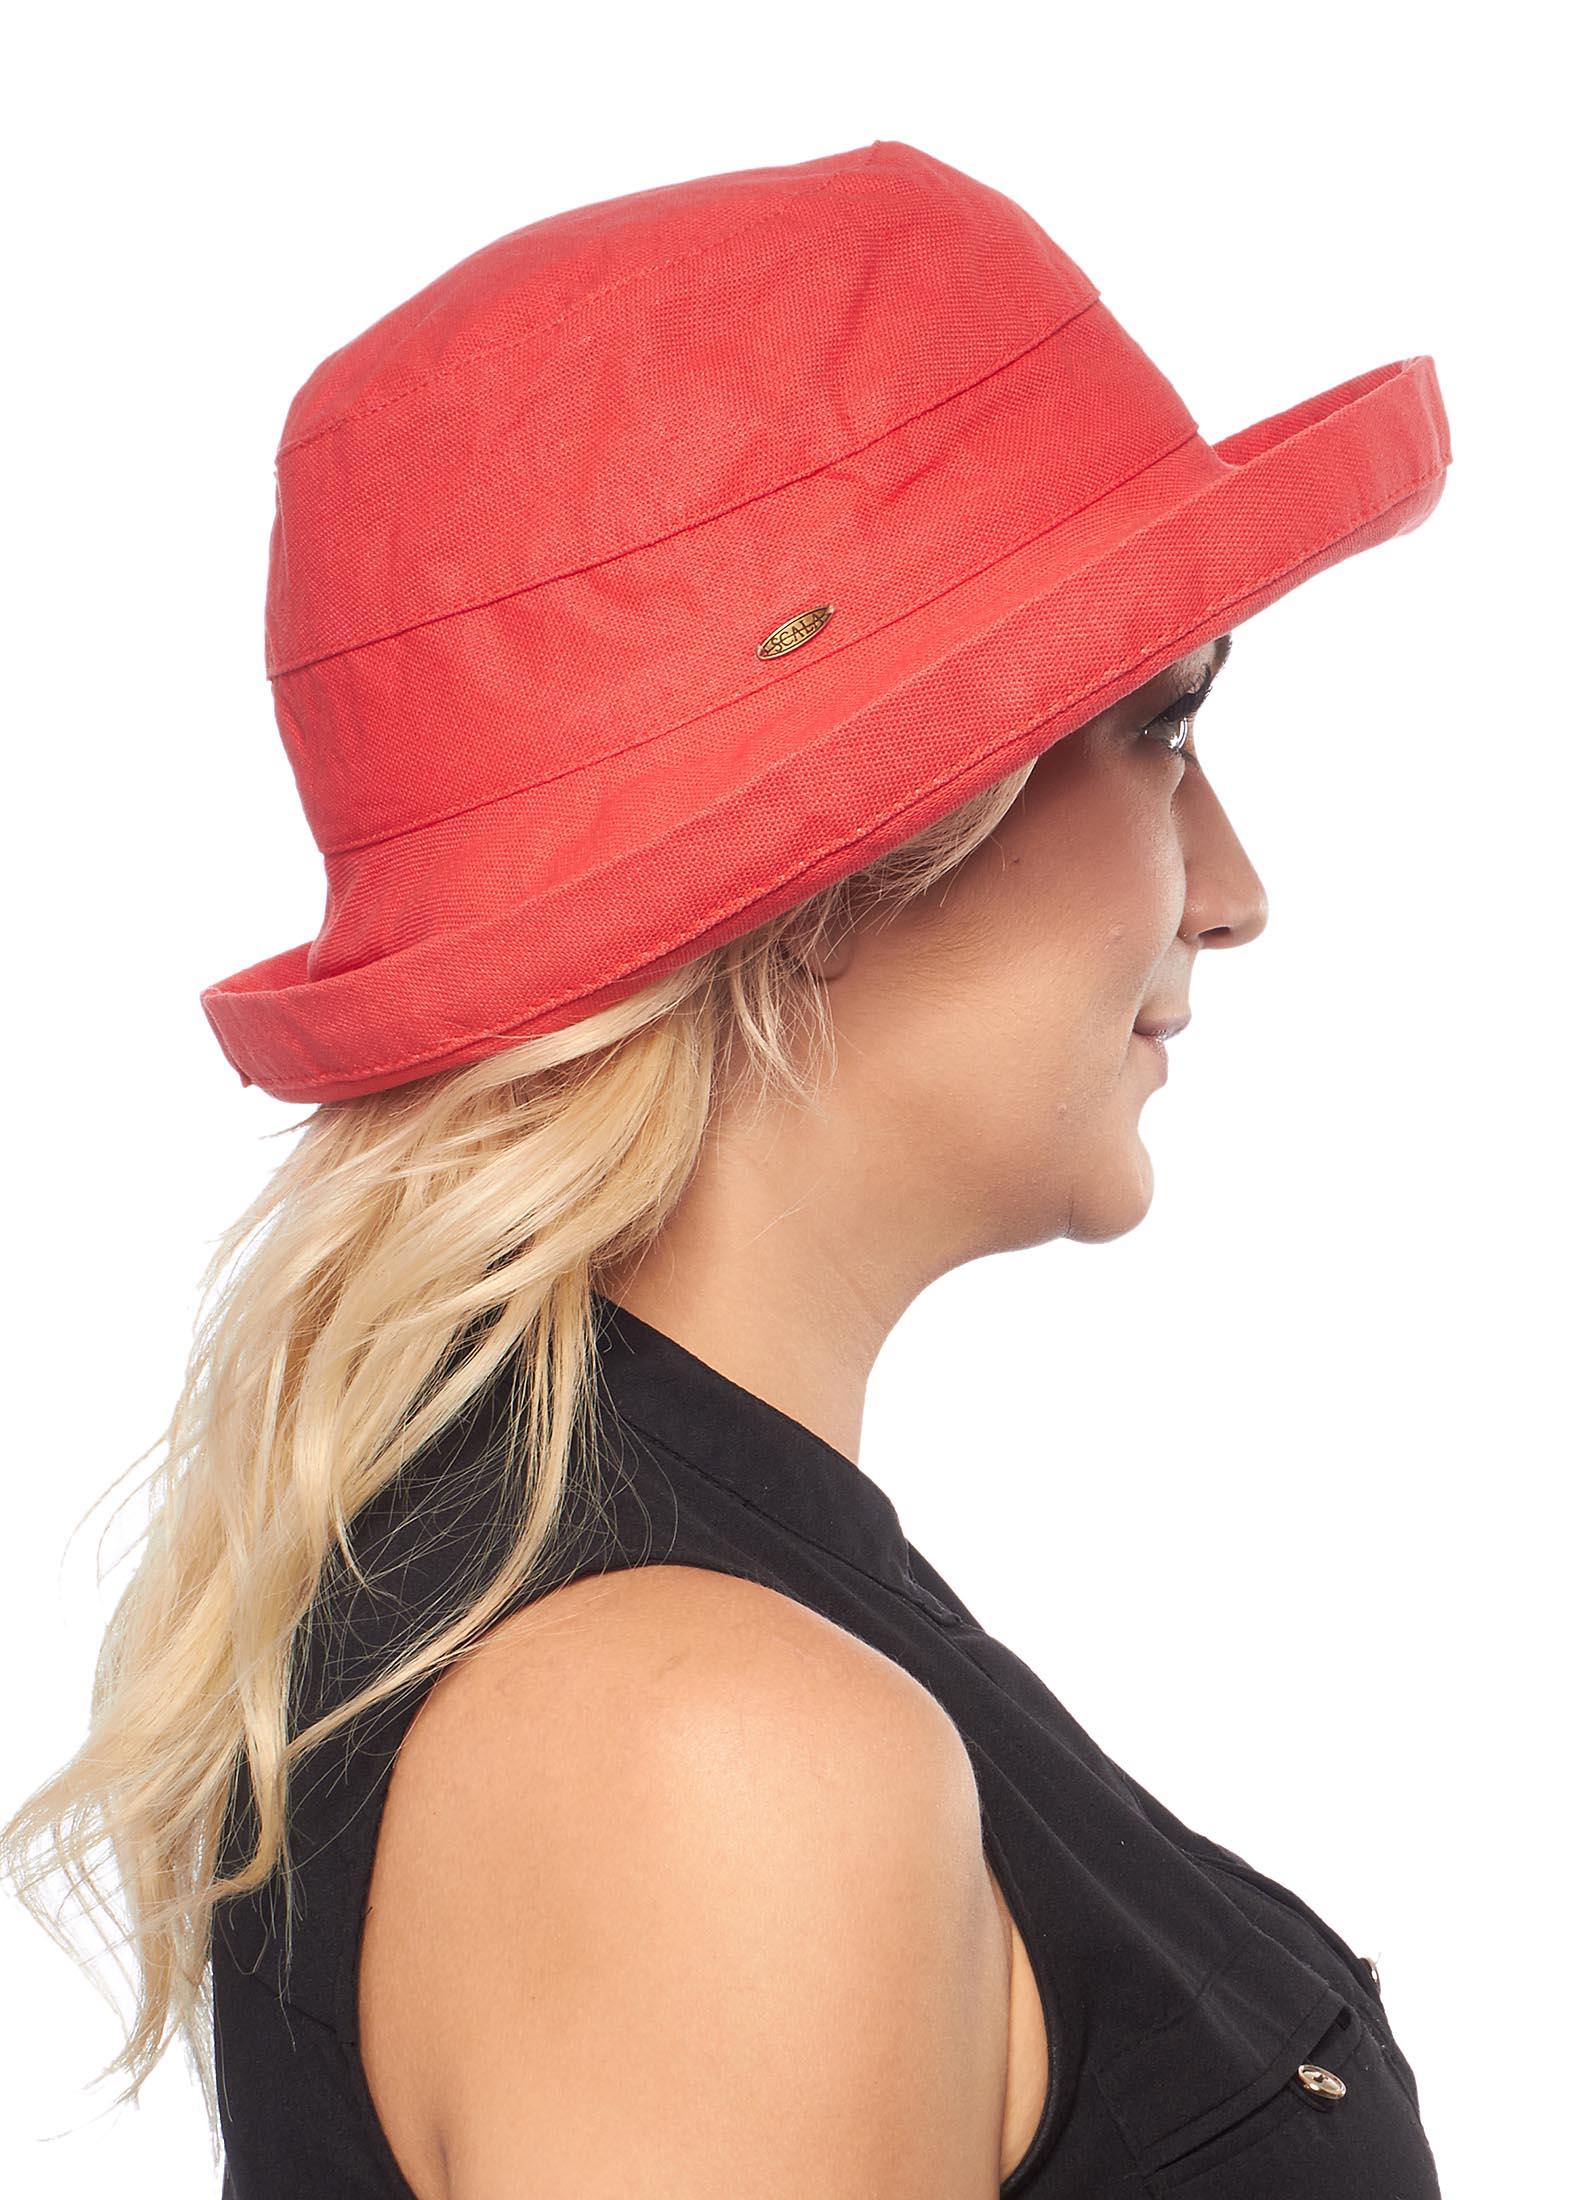 9dbe6e4a9e3 Greatlookz Cozumel Medium Brim Scala Cotton Sun Hat for Ladies